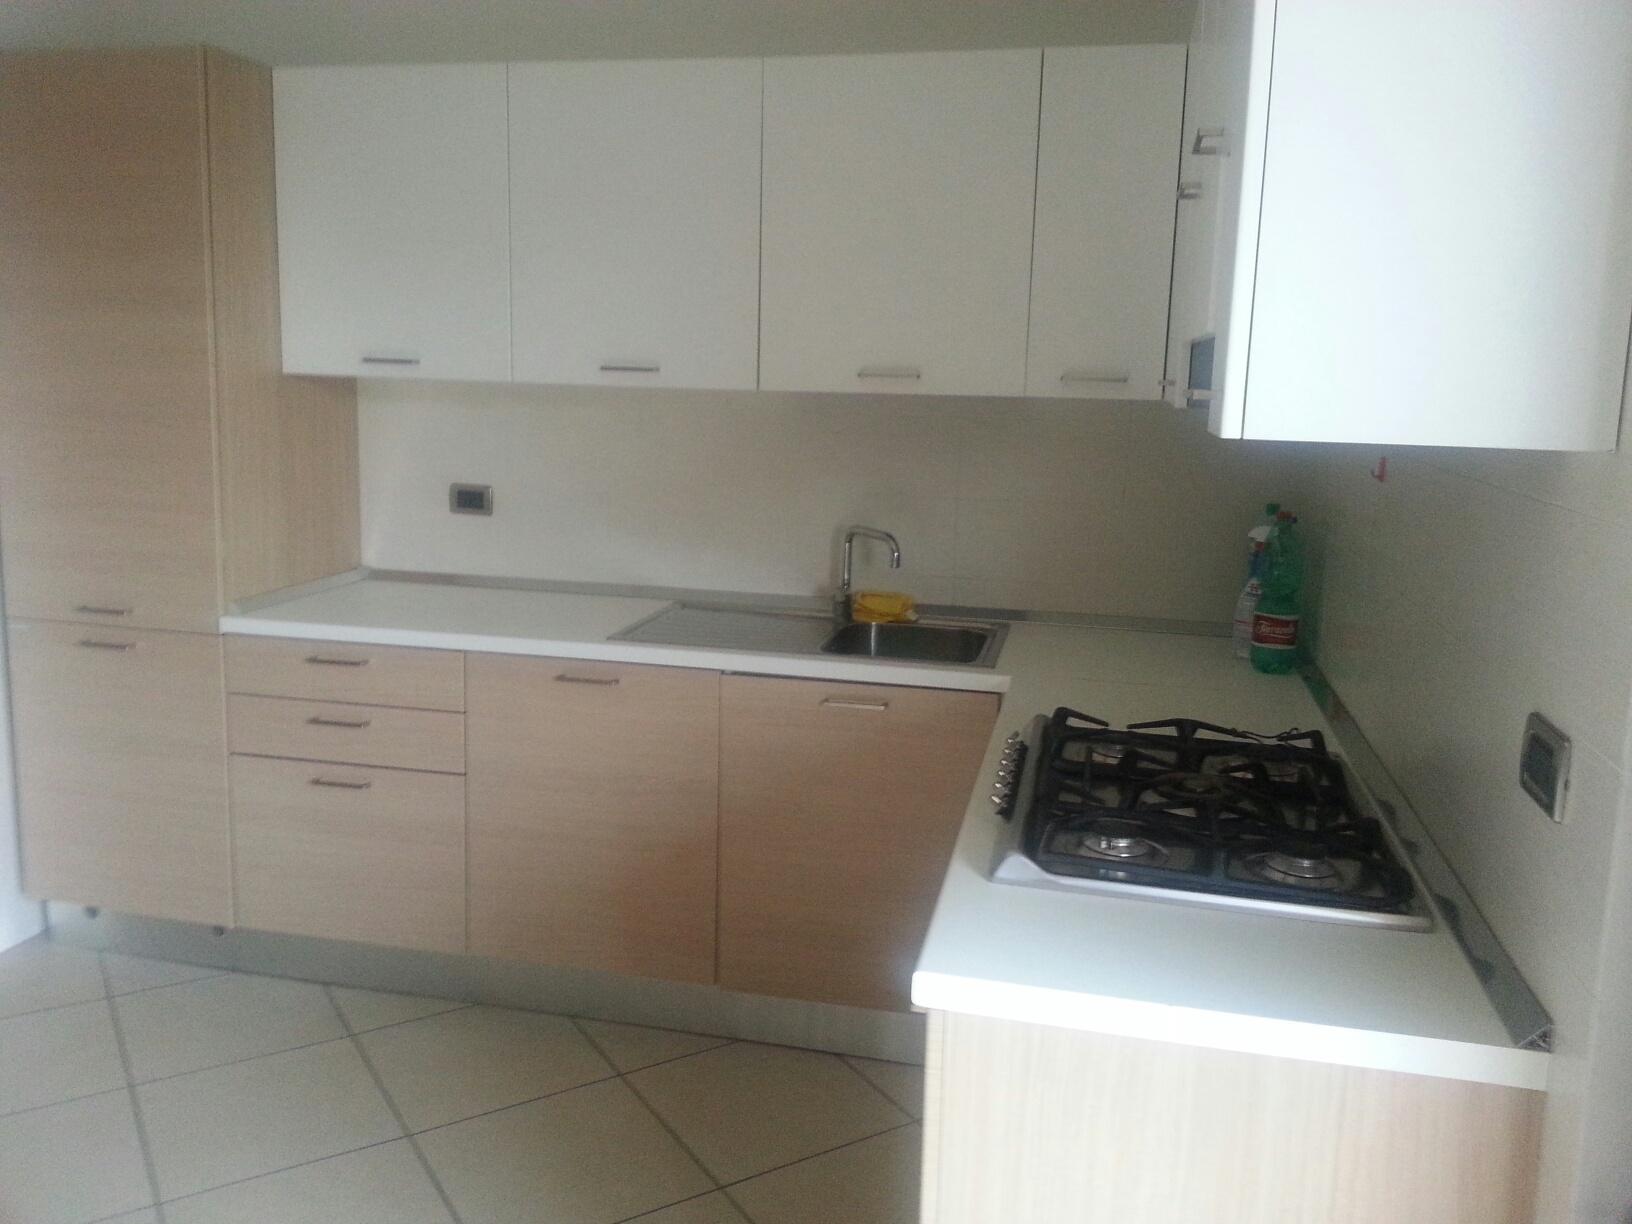 Appartamento in affitto a Chieti, 3 locali, zona Località: Scalo, prezzo € 450 | CambioCasa.it